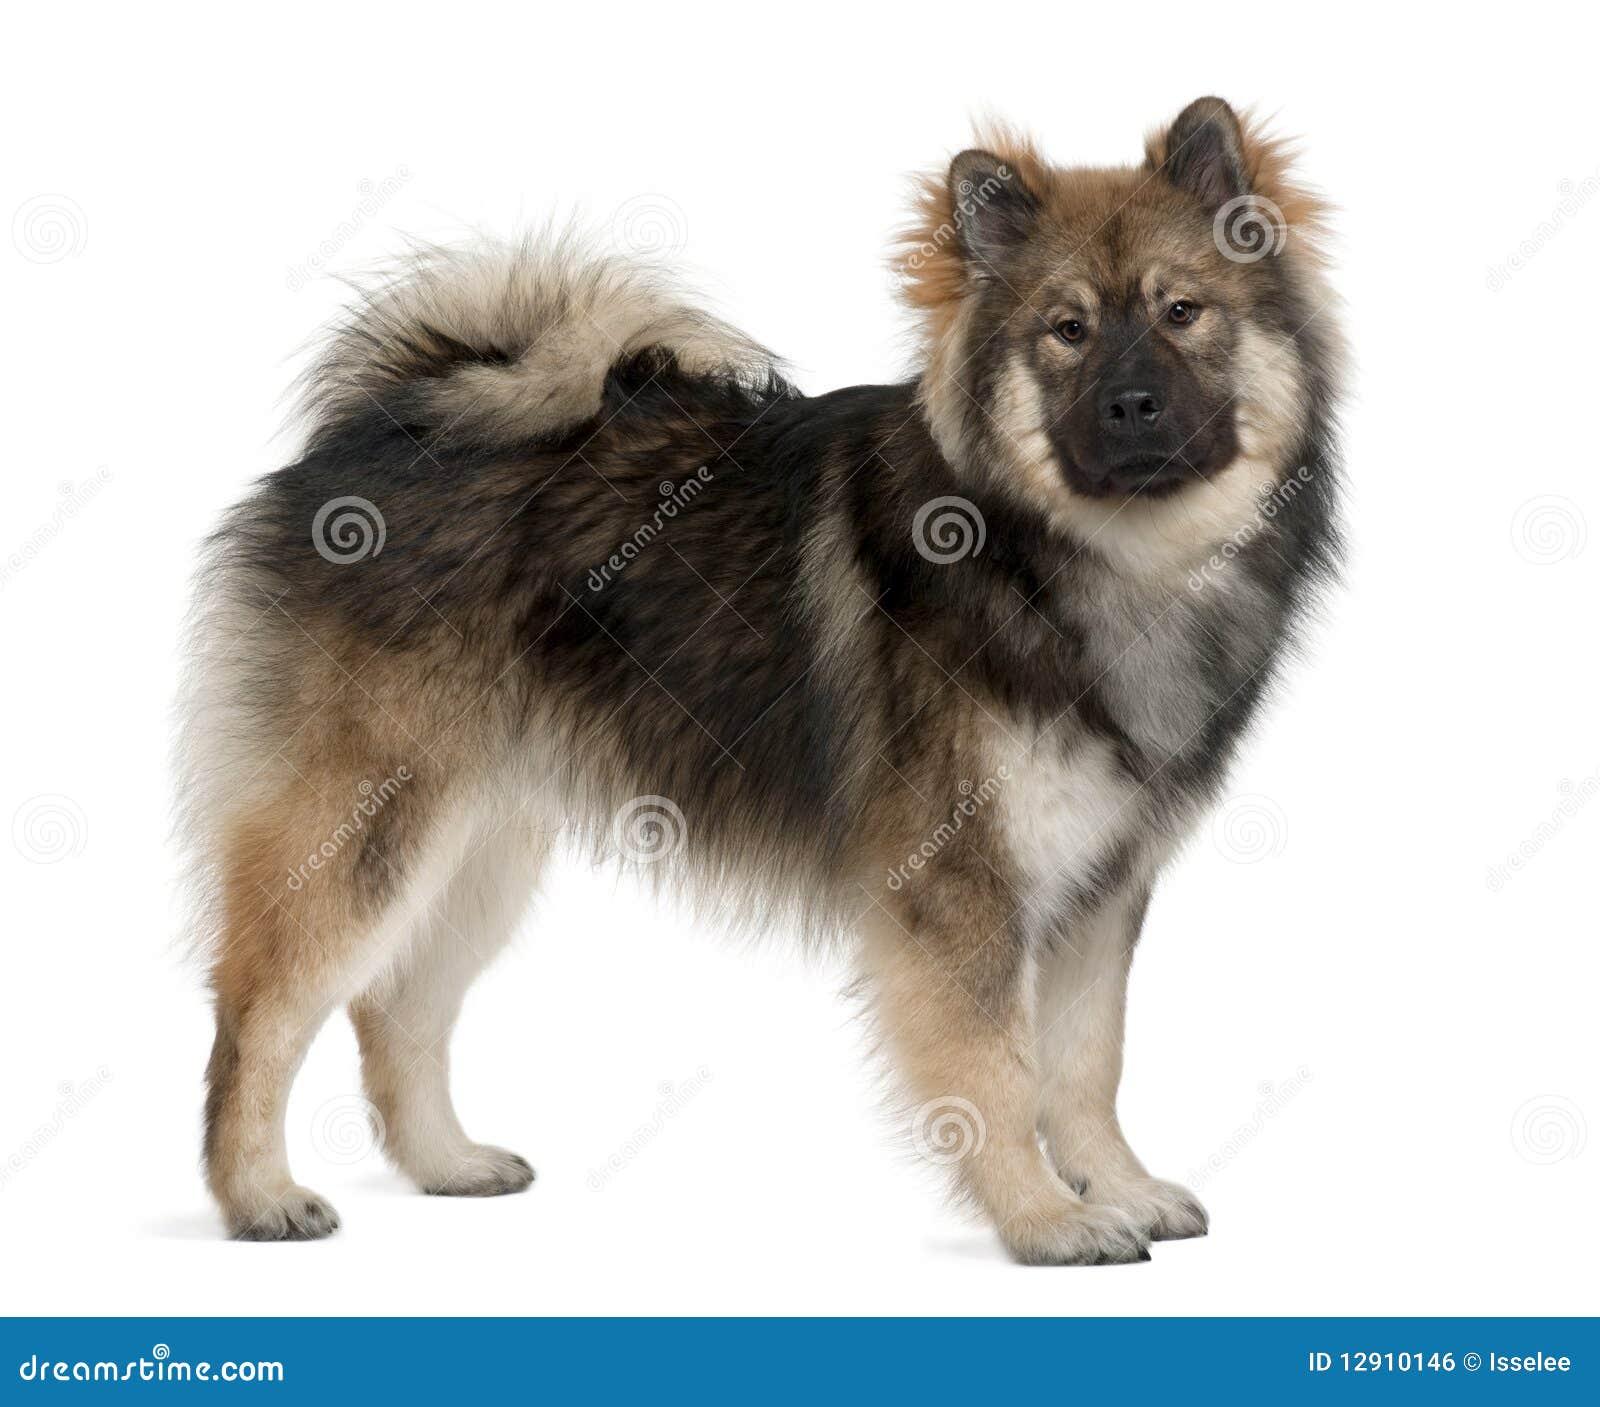 Profile of Eurasier dog, standing